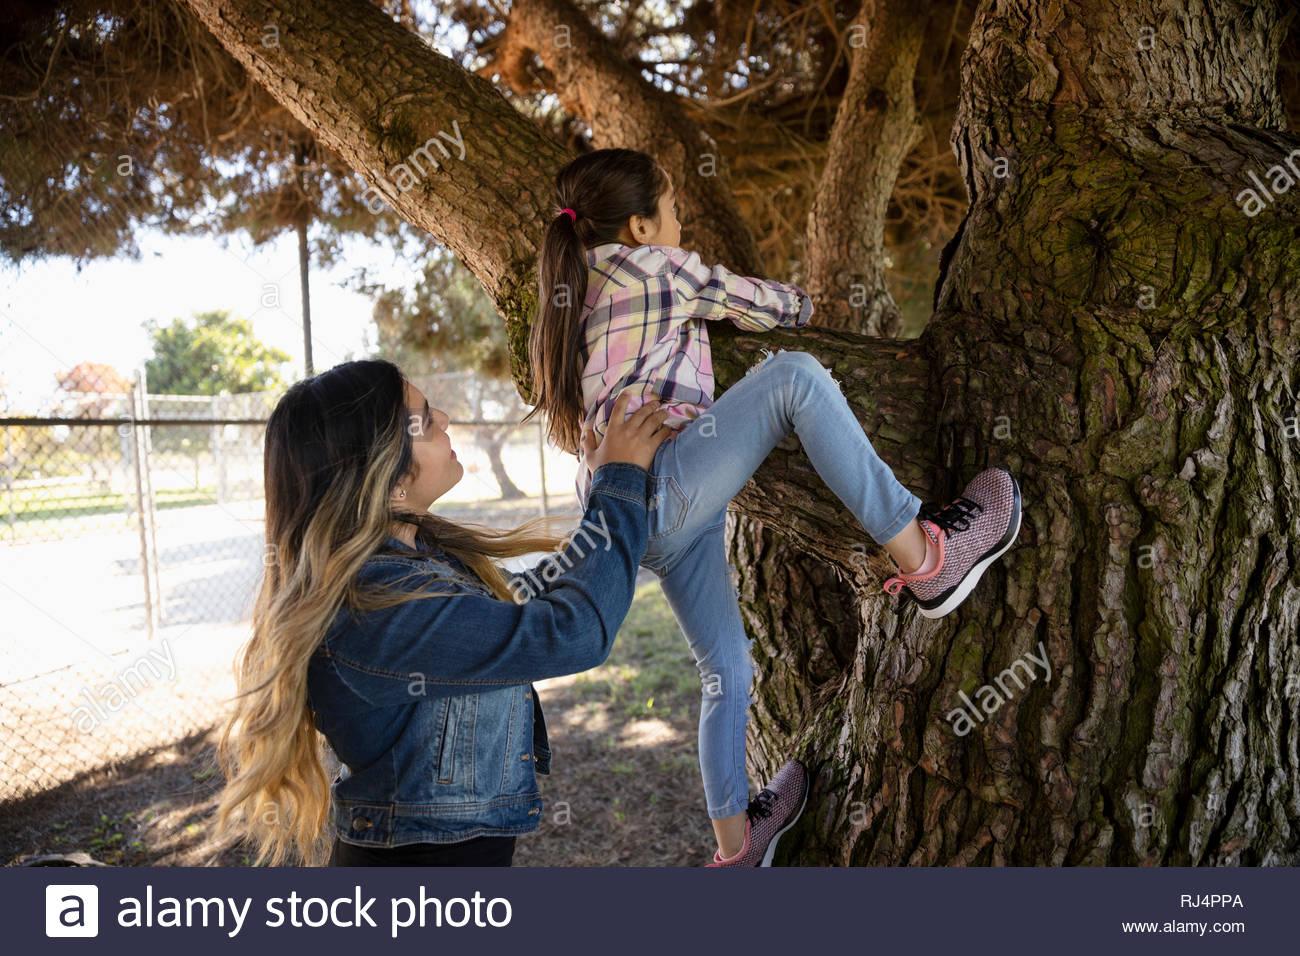 Hermanas Latinx árbol en el parque de escalada Imagen De Stock